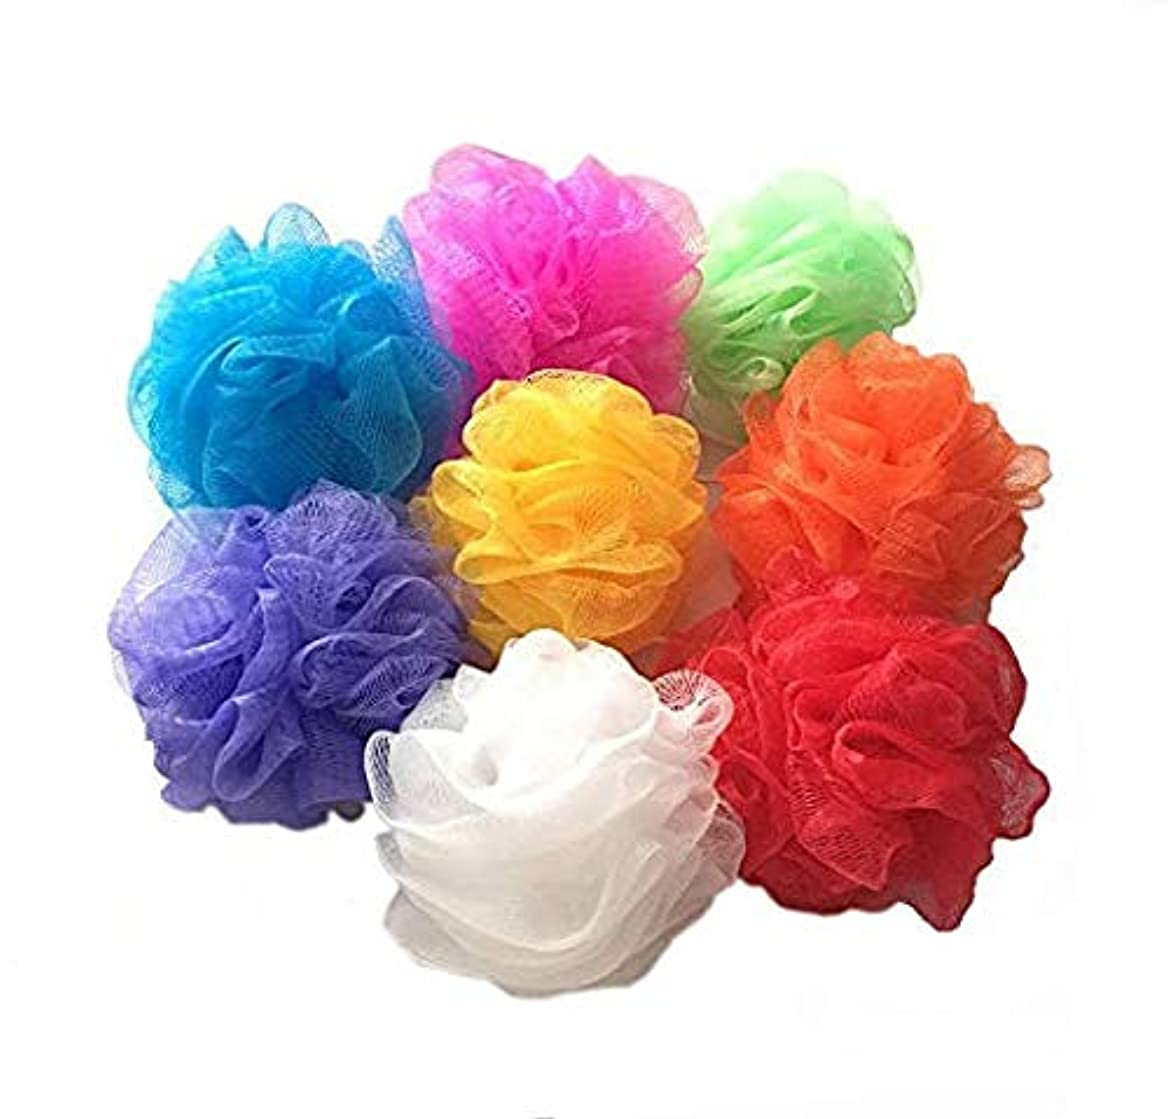 弾力性のある平等唇ボディスポンジ 泡立てネット 柔軟 シャワー用 ボディ用お風呂ボール 花形 タオル ネットバスボール 花ボディースポンジ 8 個入 (マルチカラー)